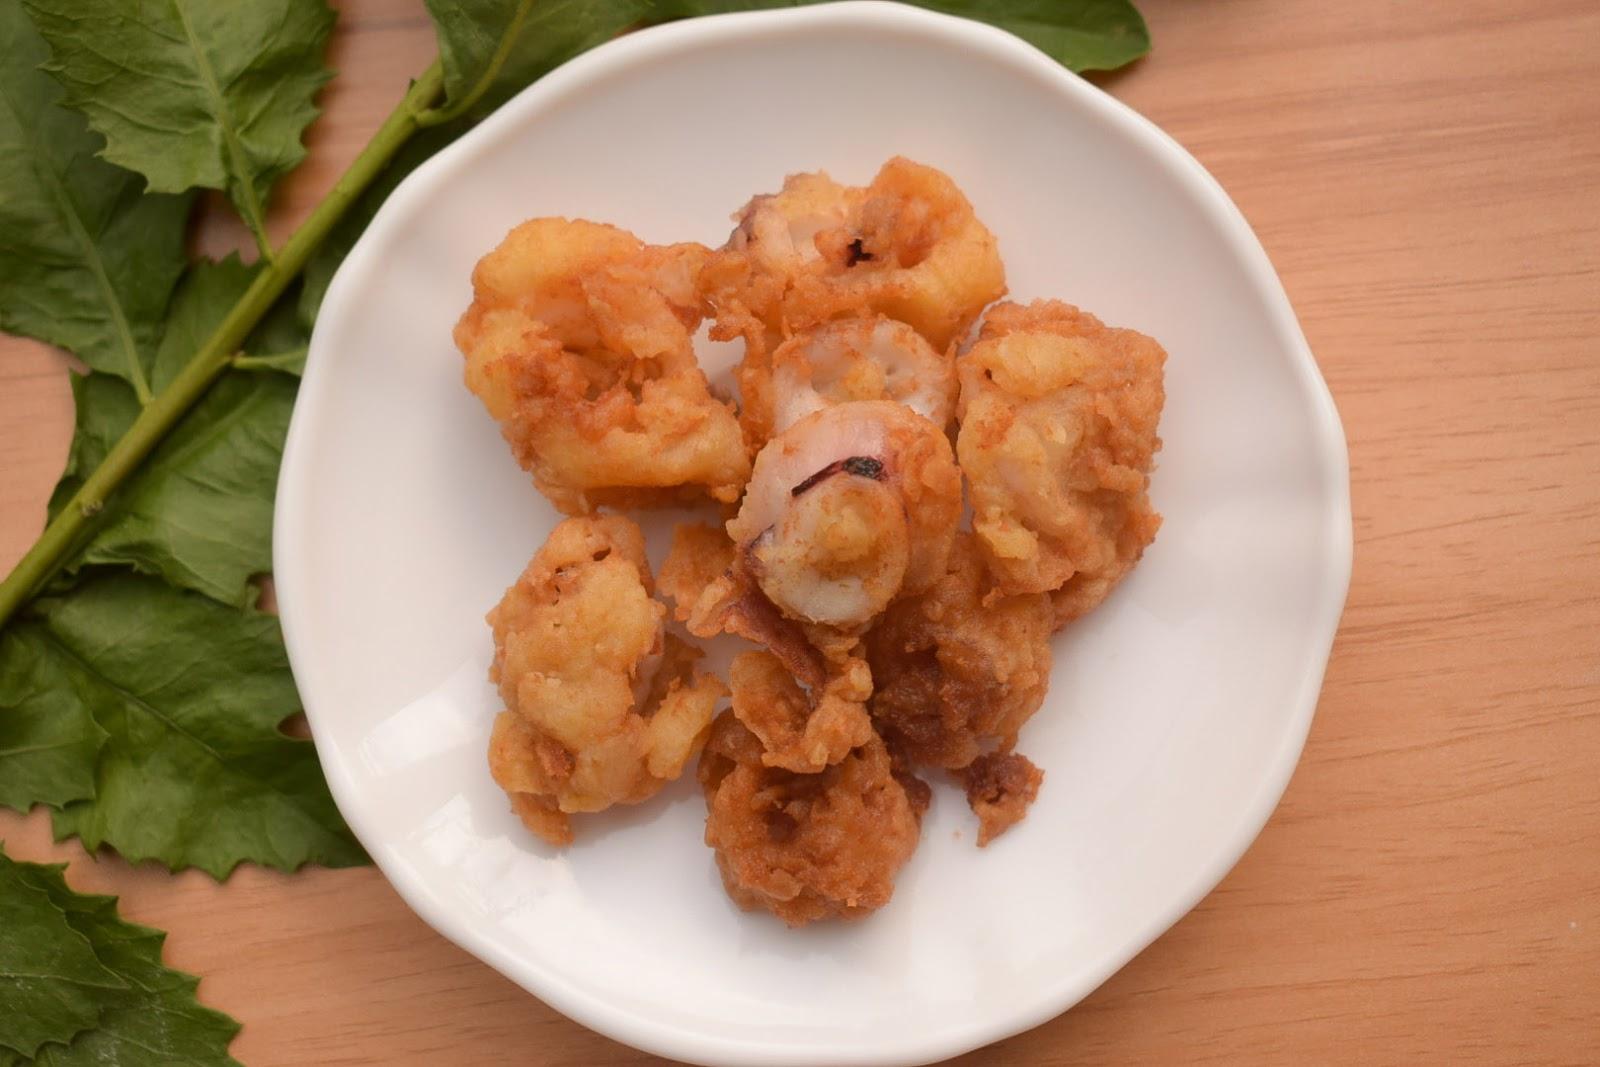 resepi udang goreng tempura  quotes Resepi Udang Lipan Goreng Tepung Enak dan Mudah